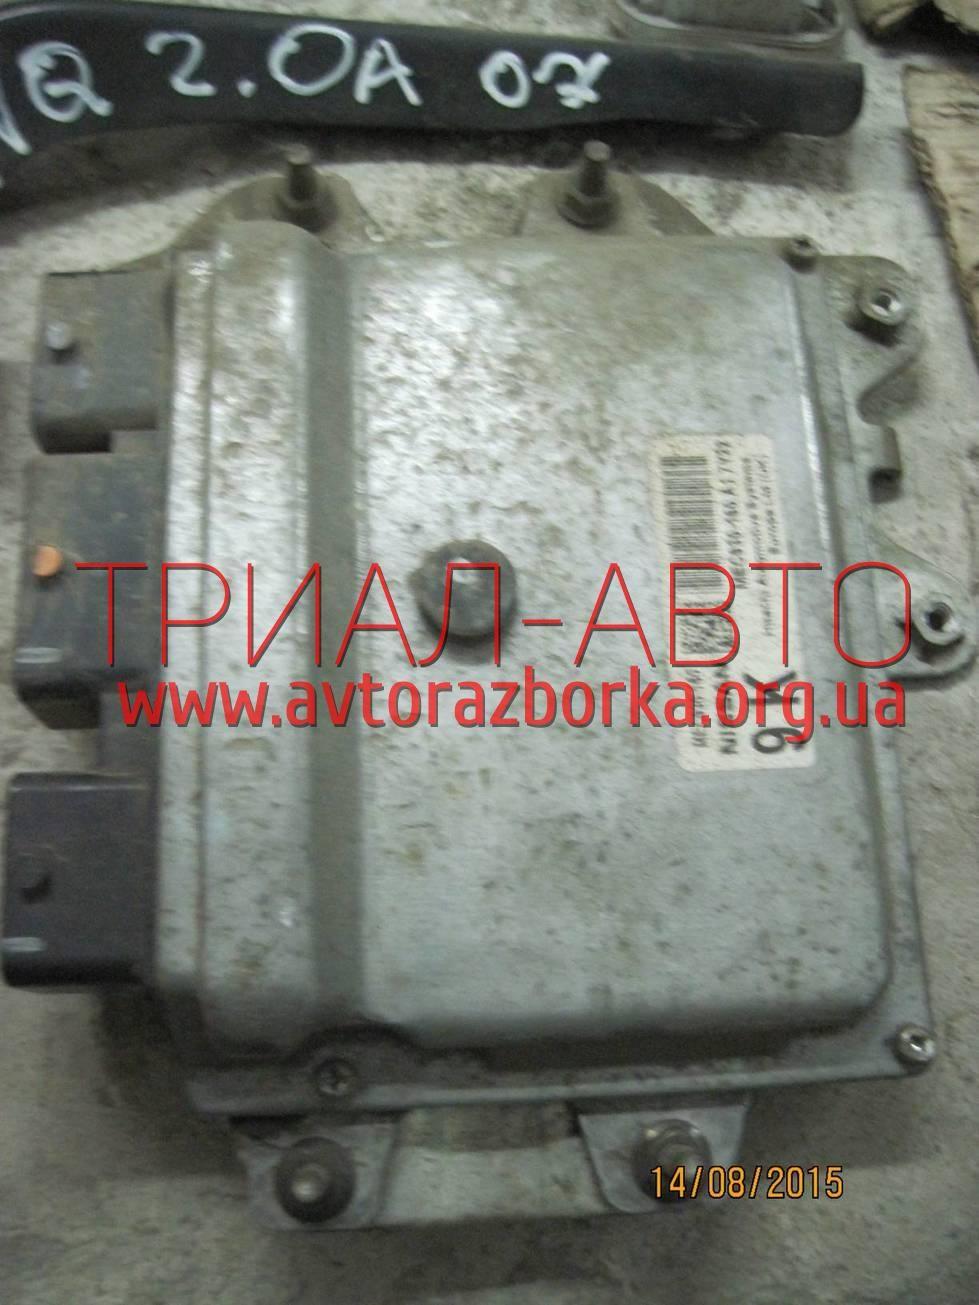 Блок управления двигателем на Qashqai 2007-2013 г.в.